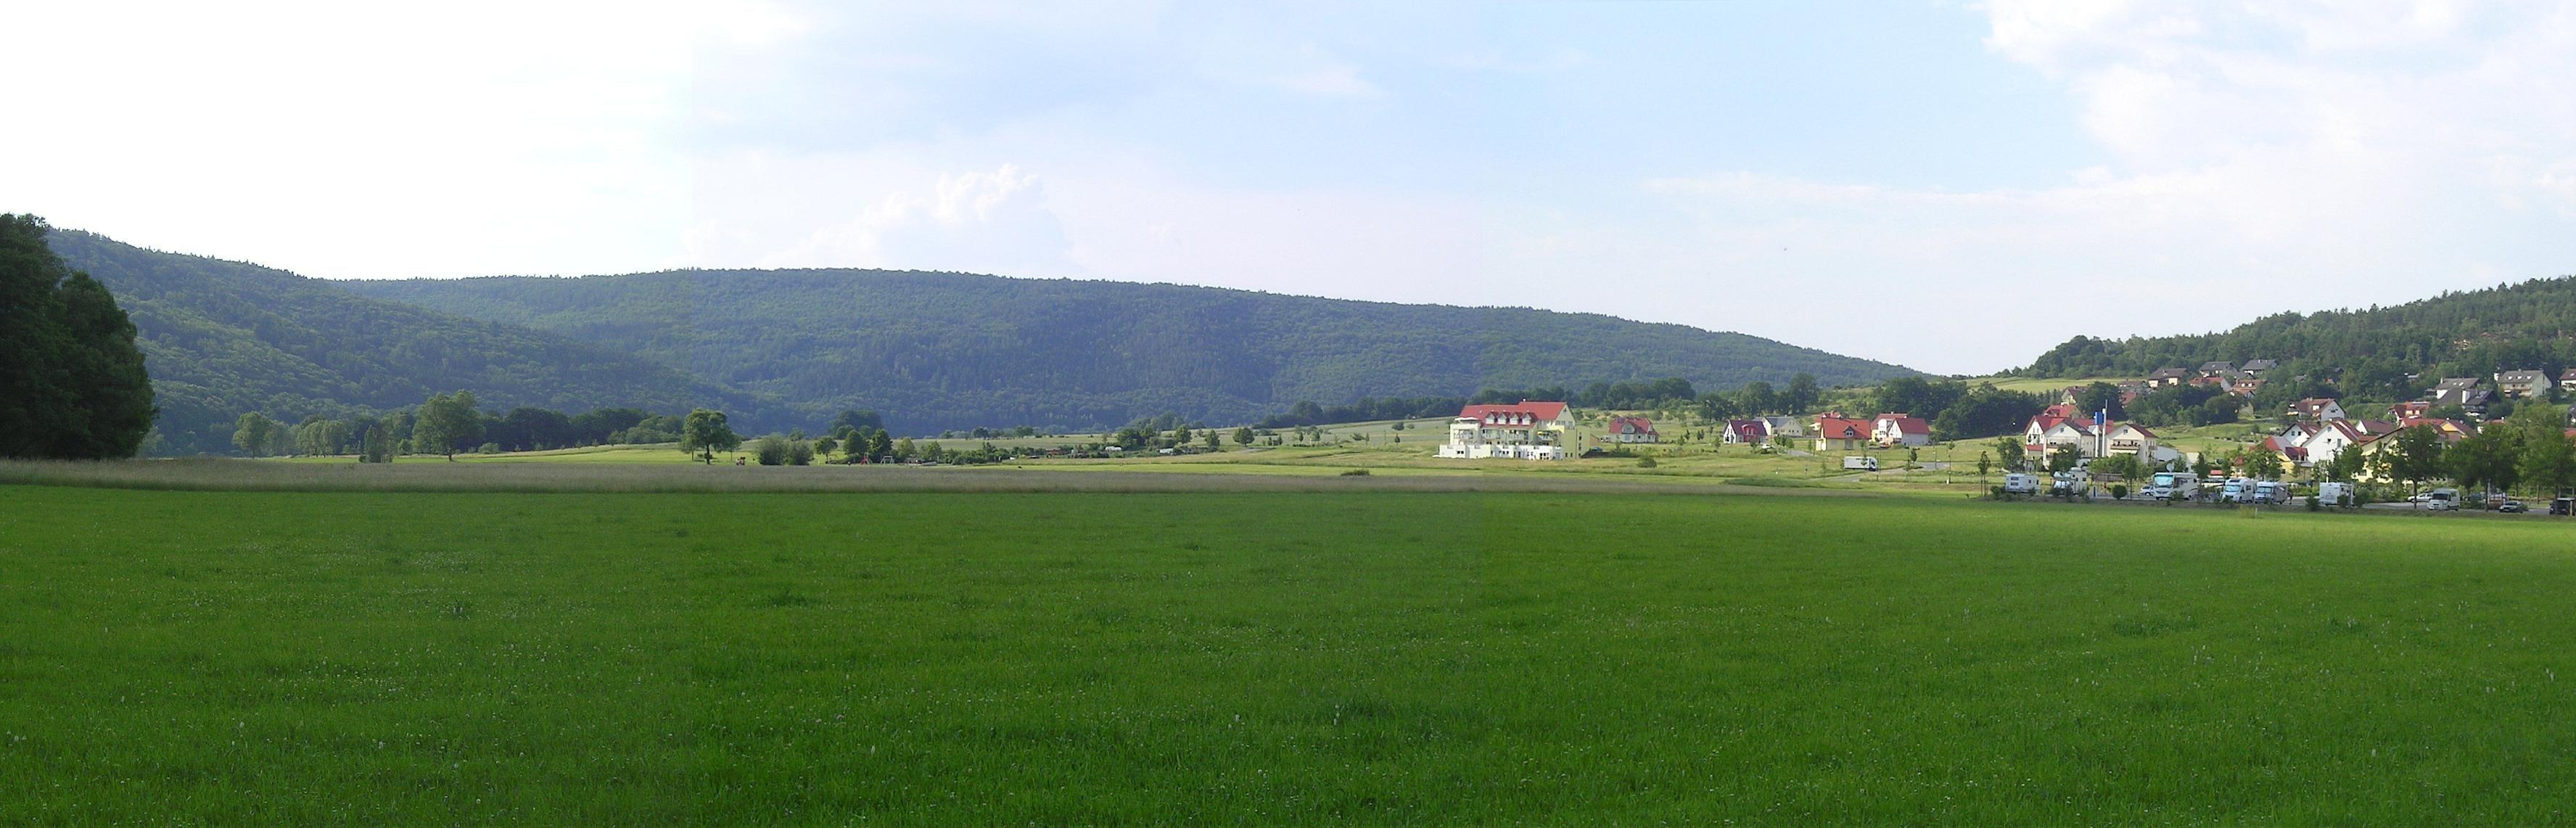 Bad Bocklet, Beieren, Duitsland